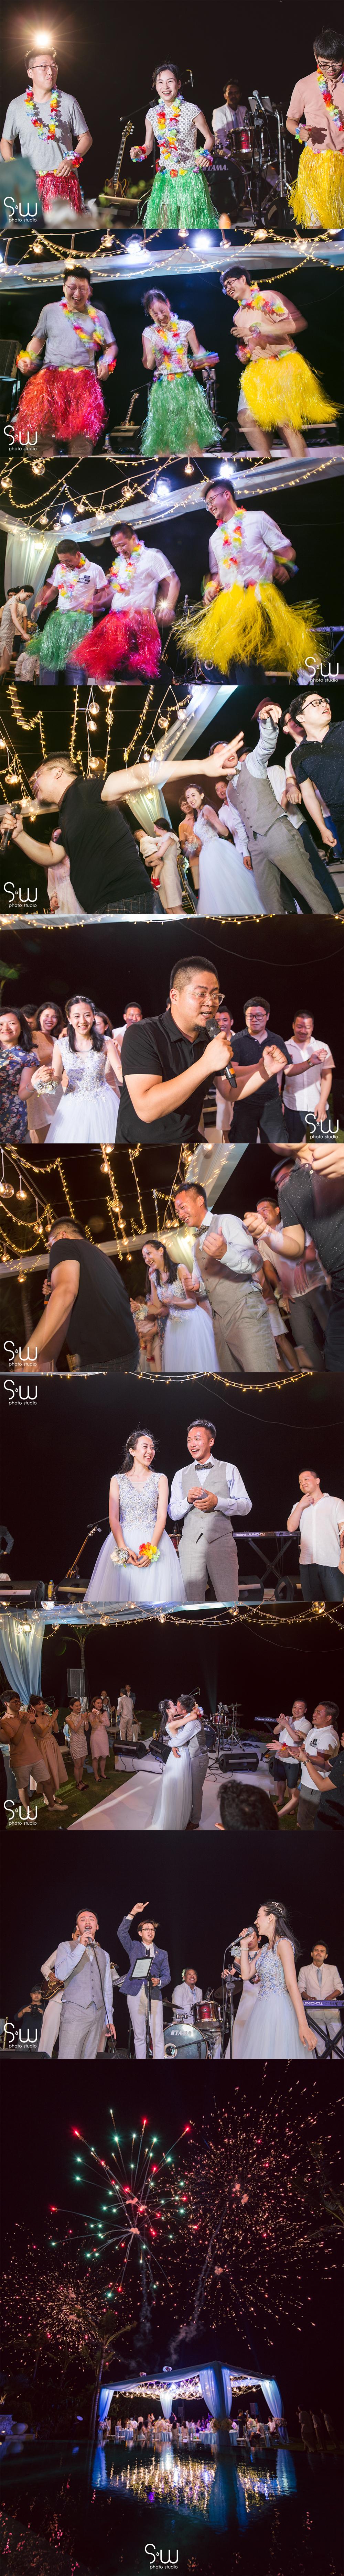 WEDDING | Ungasan Clifftop Resort Bali (峇里島婚禮) | sw photo studio 婚禮, 婚攝, 婚紗, 海外婚禮, 海外婚紗, 海島婚禮,峇里島婚禮, 峇里島婚紗, 台灣婚禮, 婚攝推薦